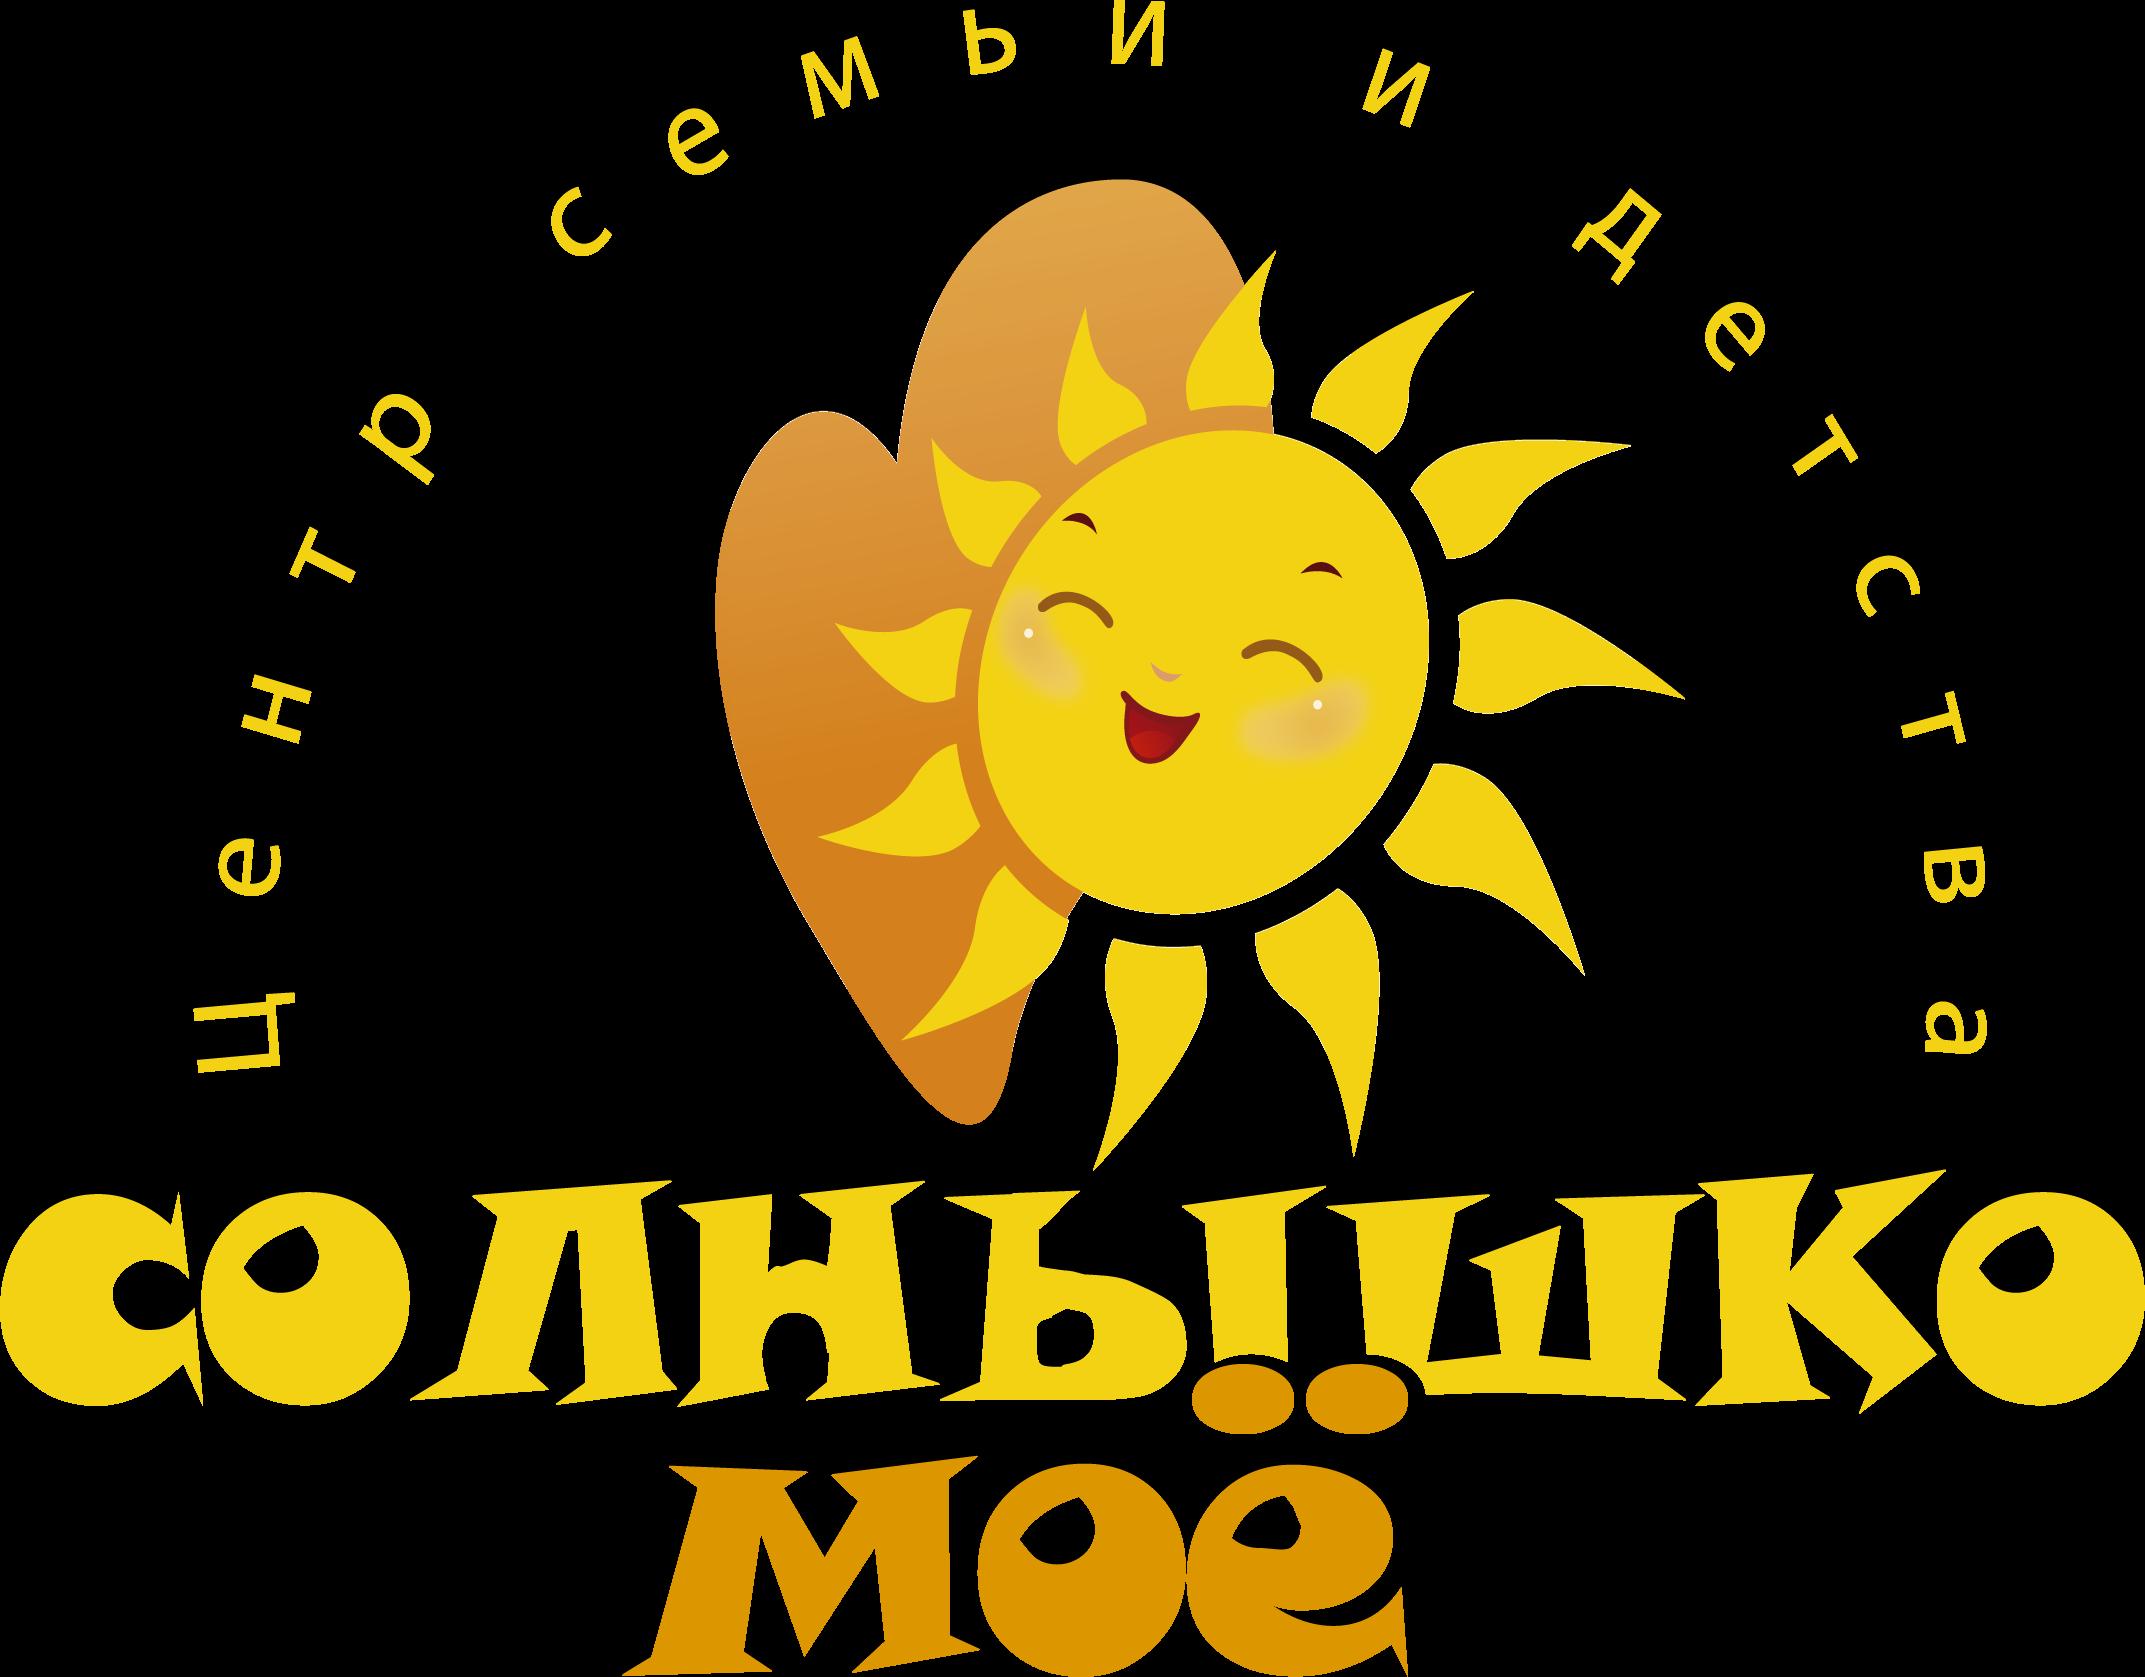 Центр семьи и детства «Солнышко мое», Краснодар, раннее развитие, английский для детей, студии для детей, подготовка к школе